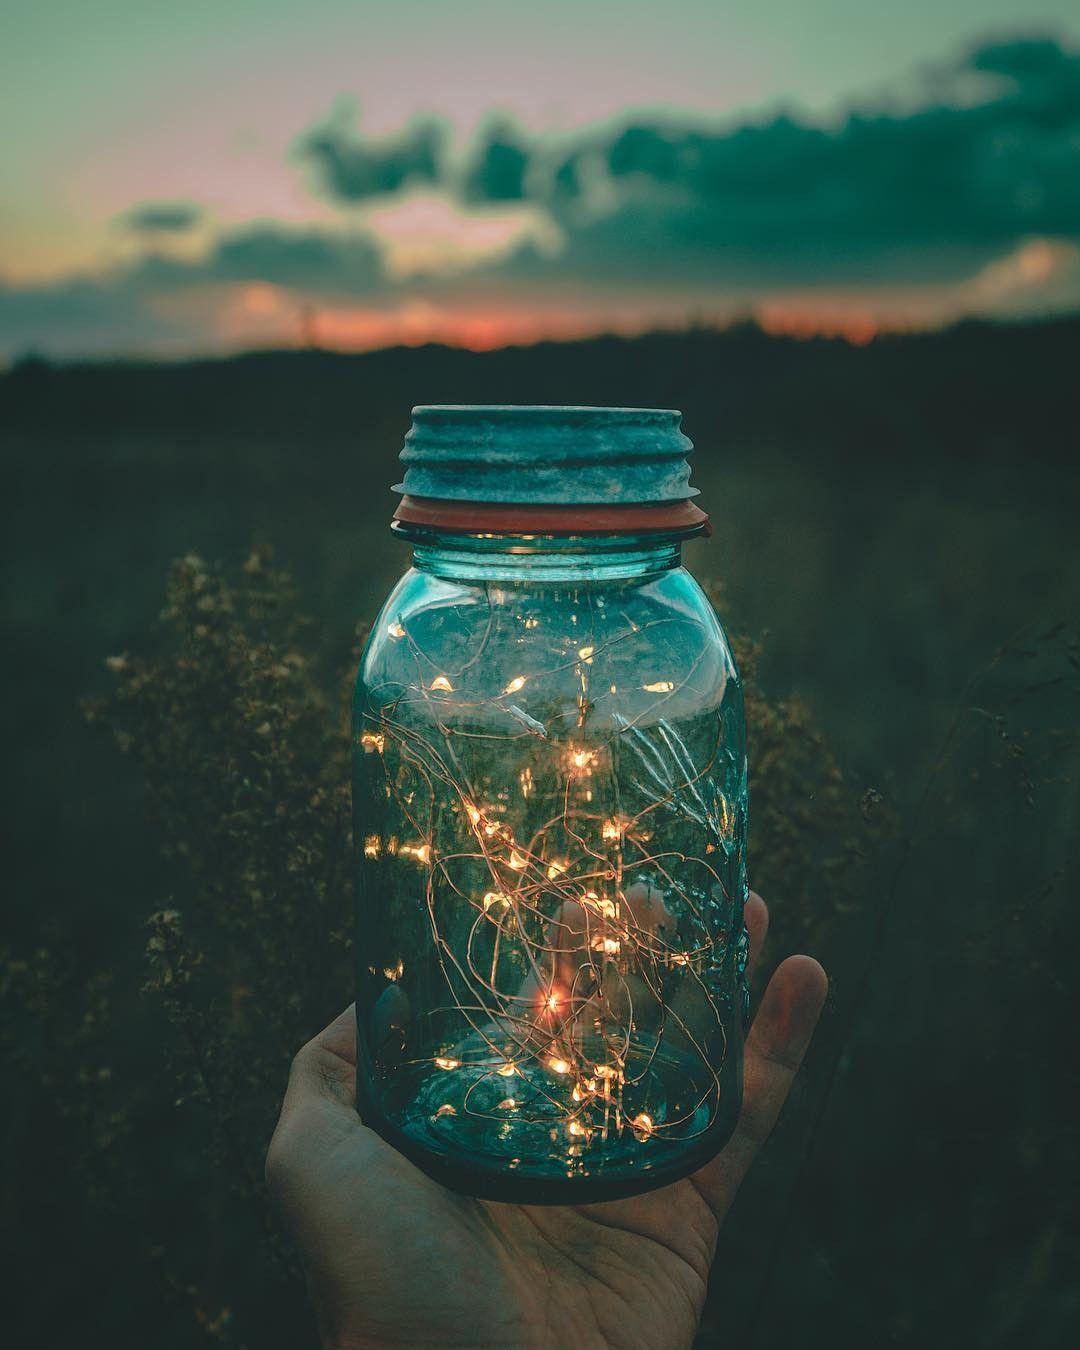 Pin by ᴋɪᴍᴄʜɪ on R A N D O M   Fairy light photography ...